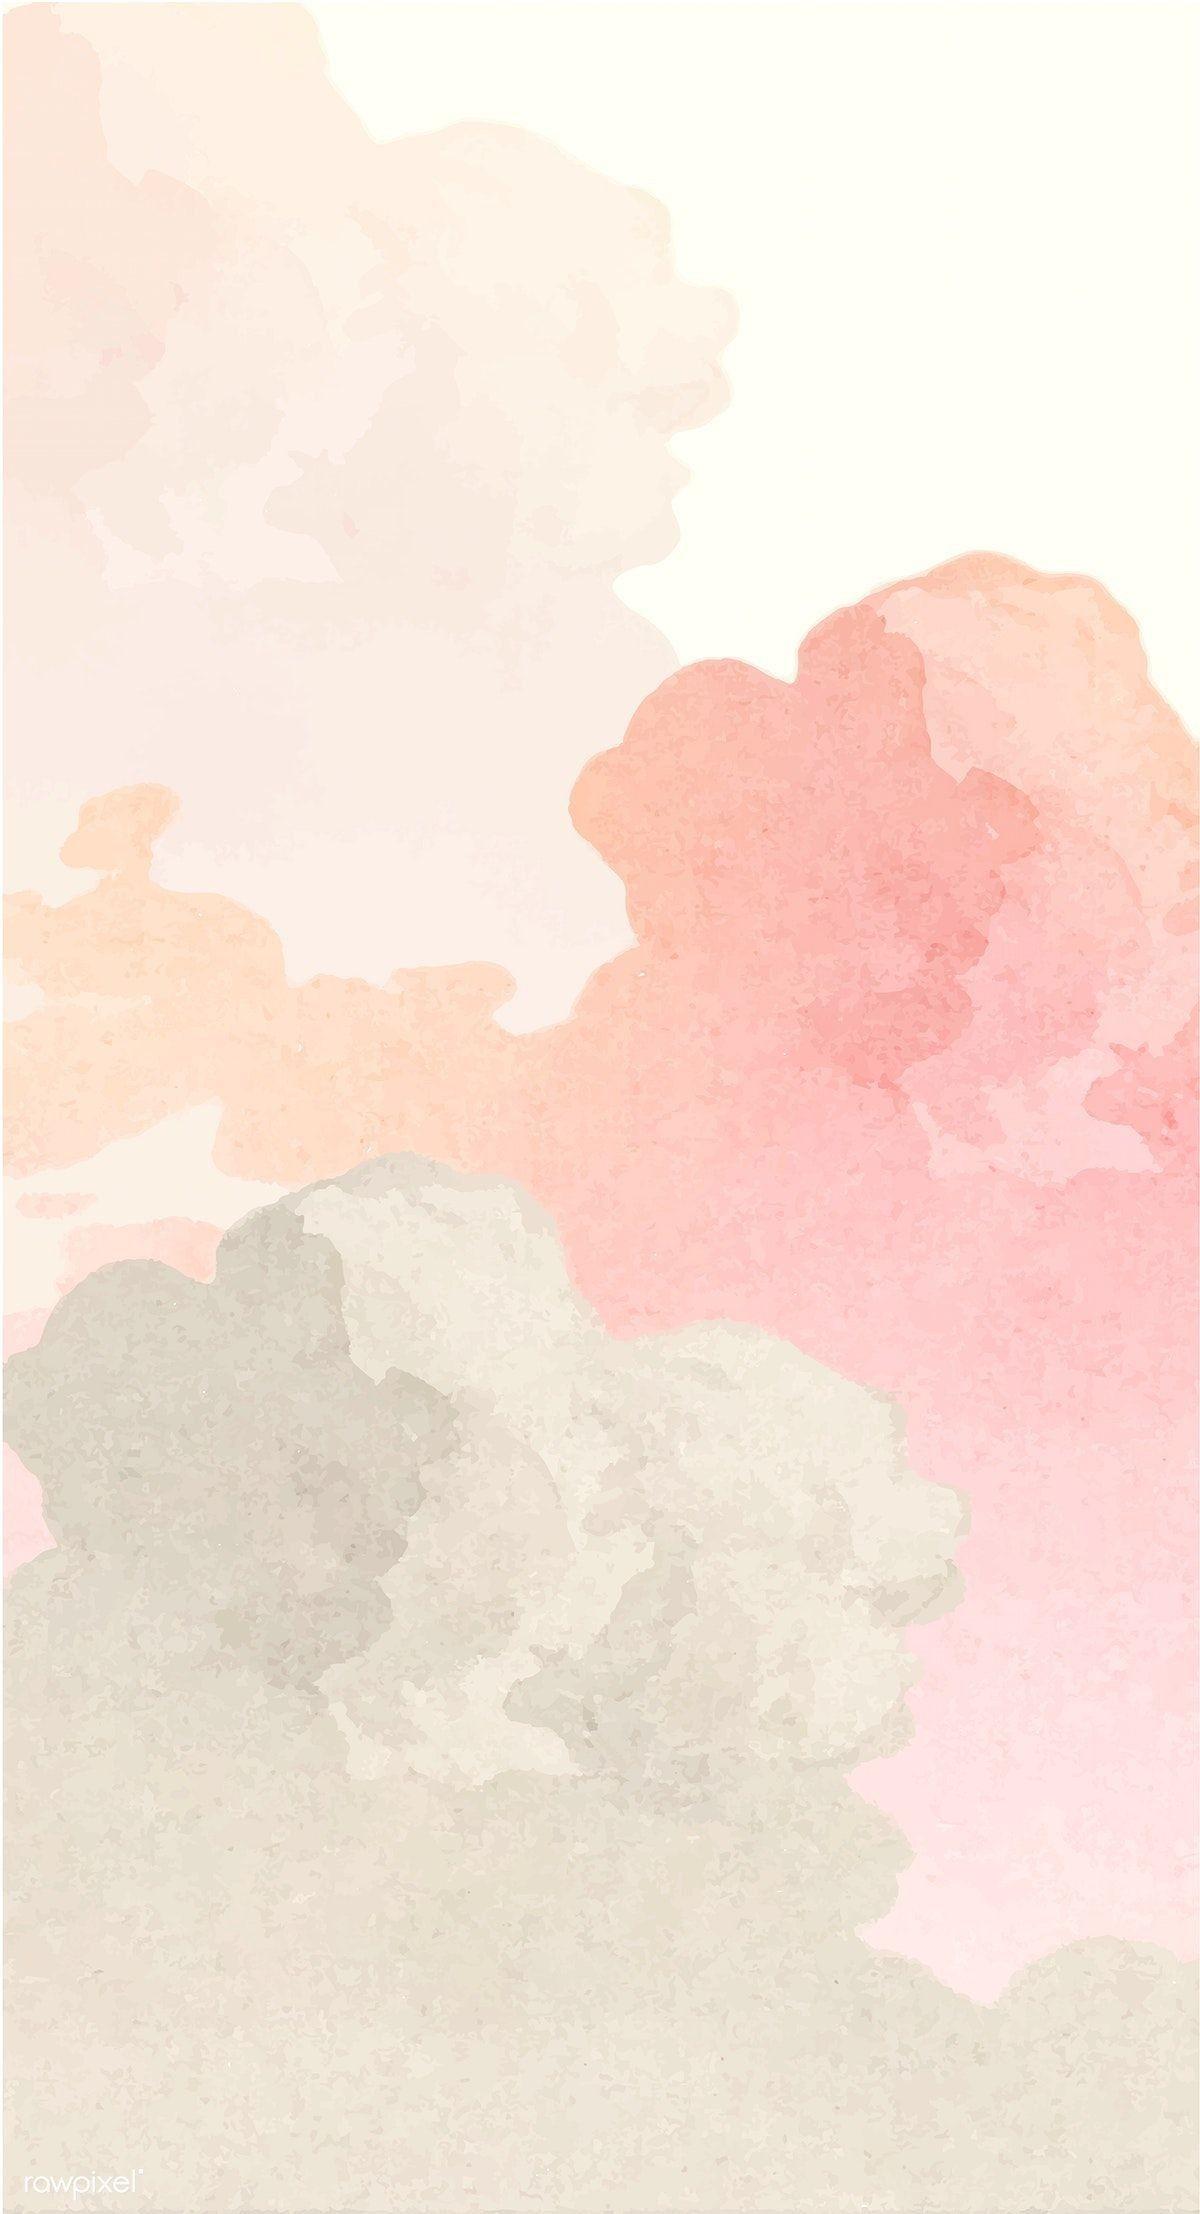 wallpaper, Watercolor wallpaper